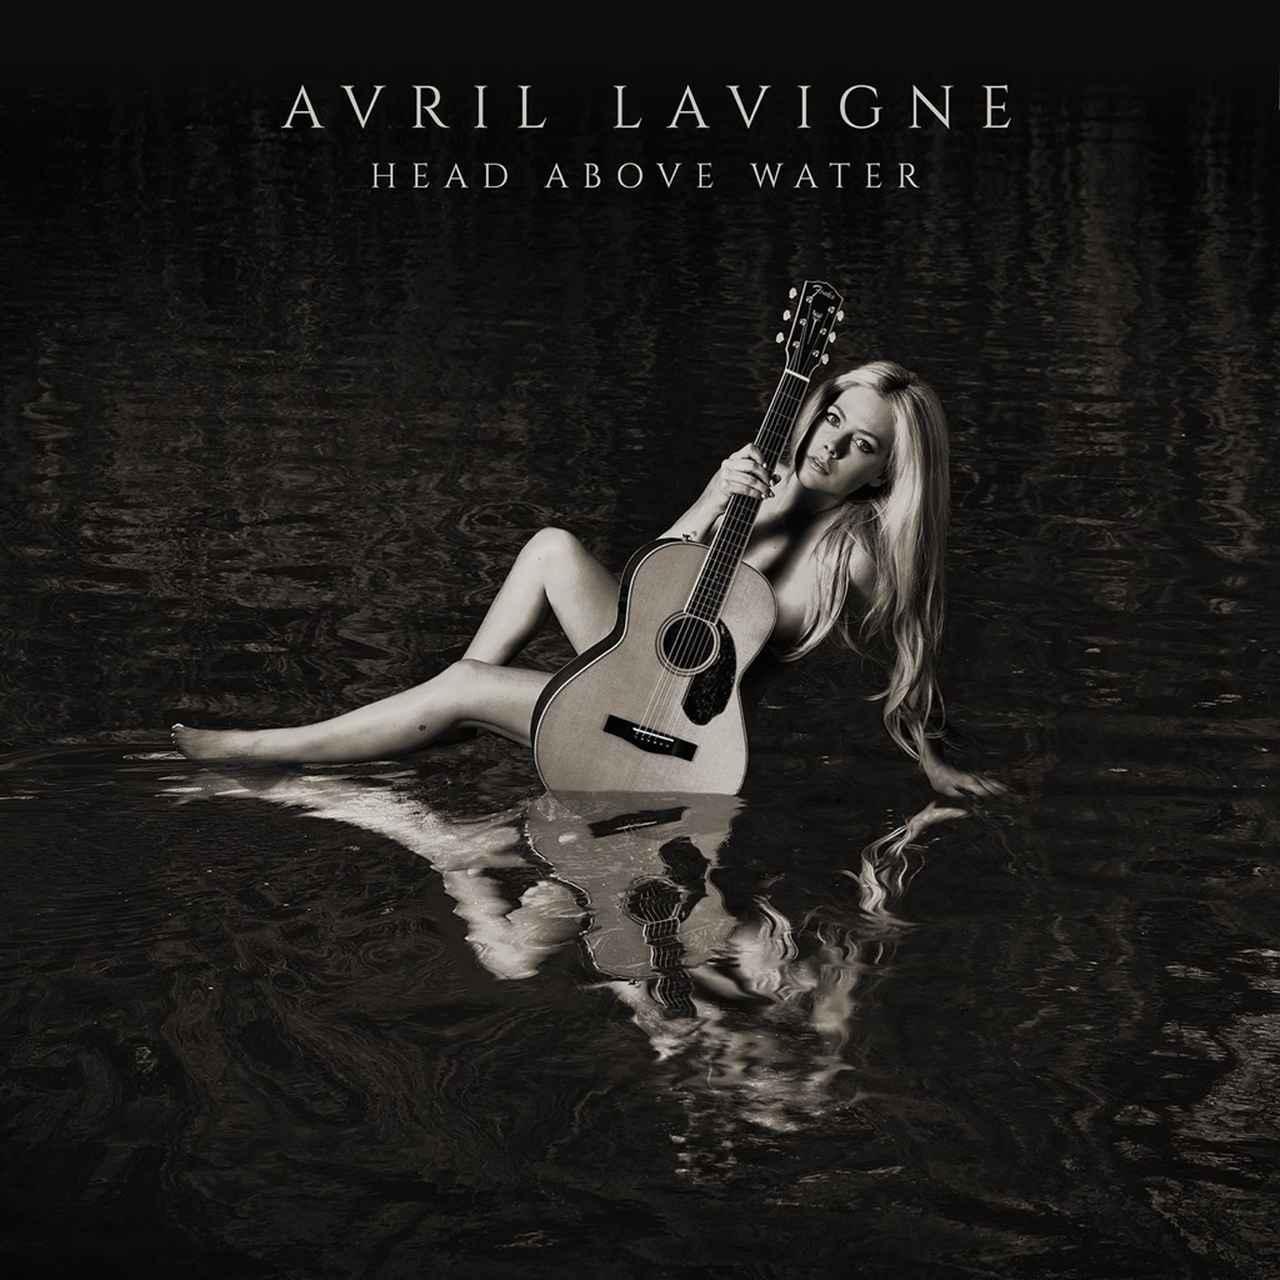 画像: Head Above Water/Avril Lavigne